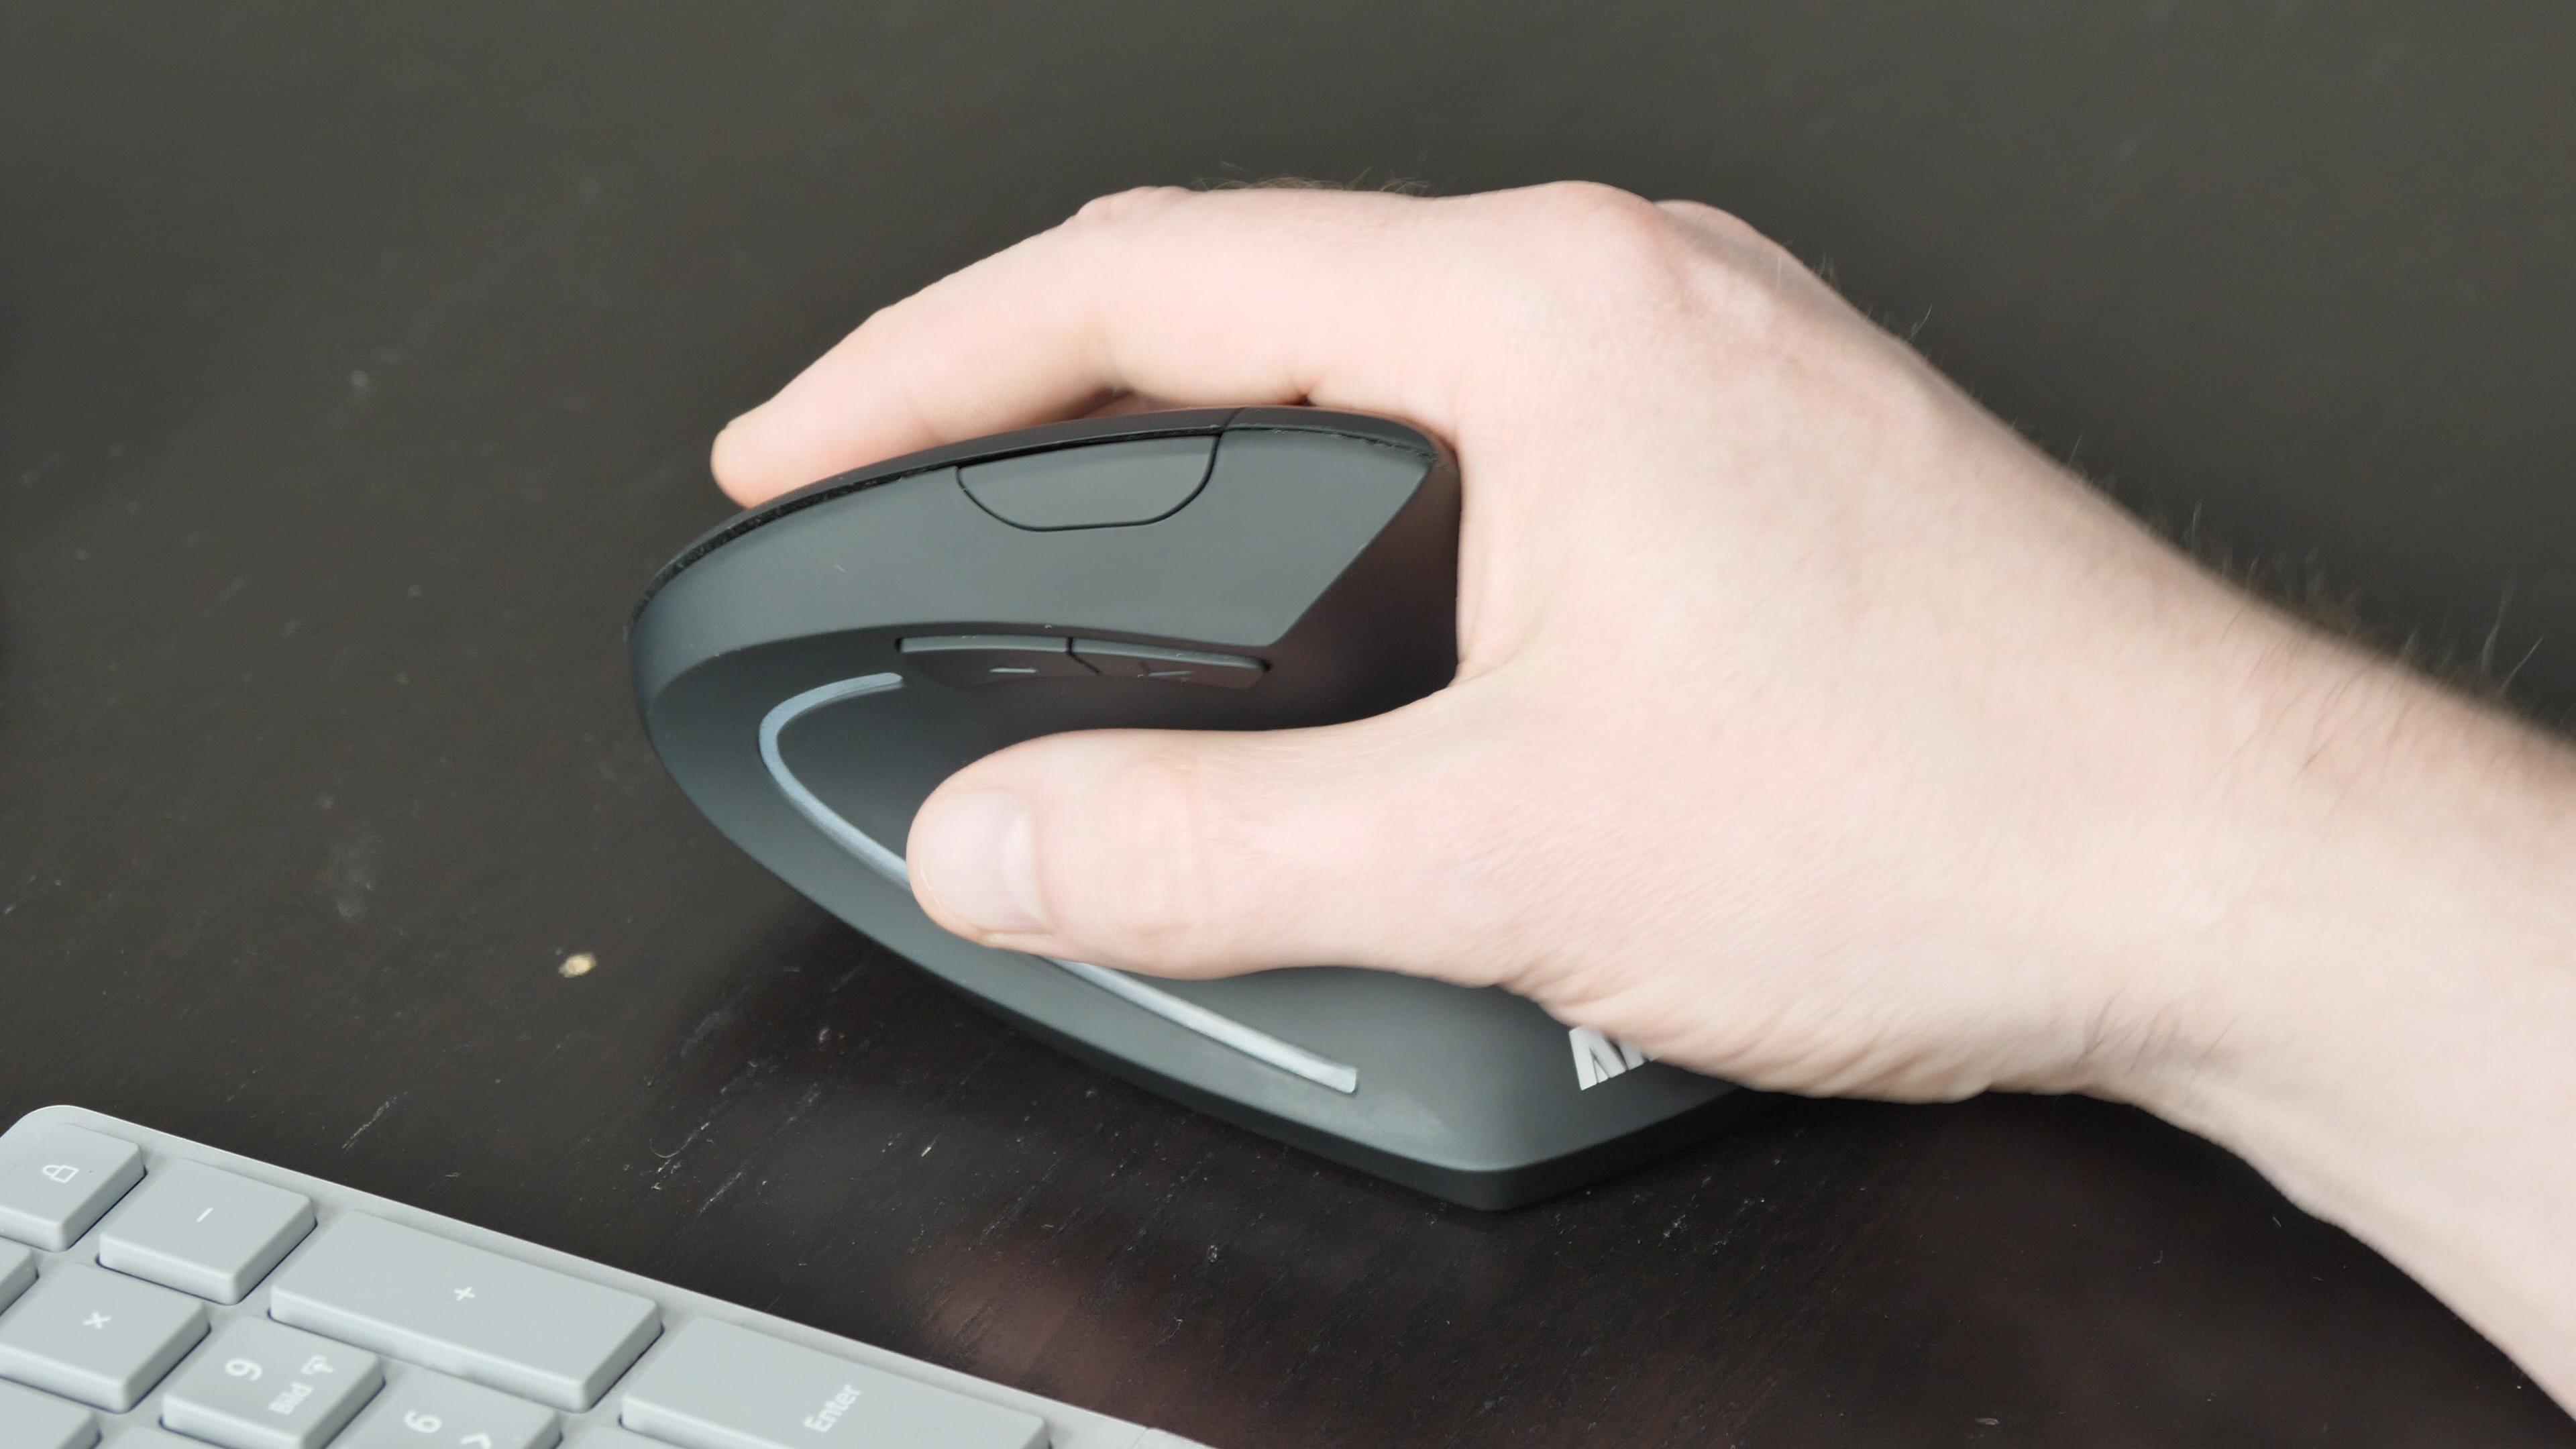 Logitechs MX Vertical im Test: So teuer muss eine gute vertikale Maus nicht sein - Ankers vertikale Maus (Bild: Martin Wolf/Golem.de)